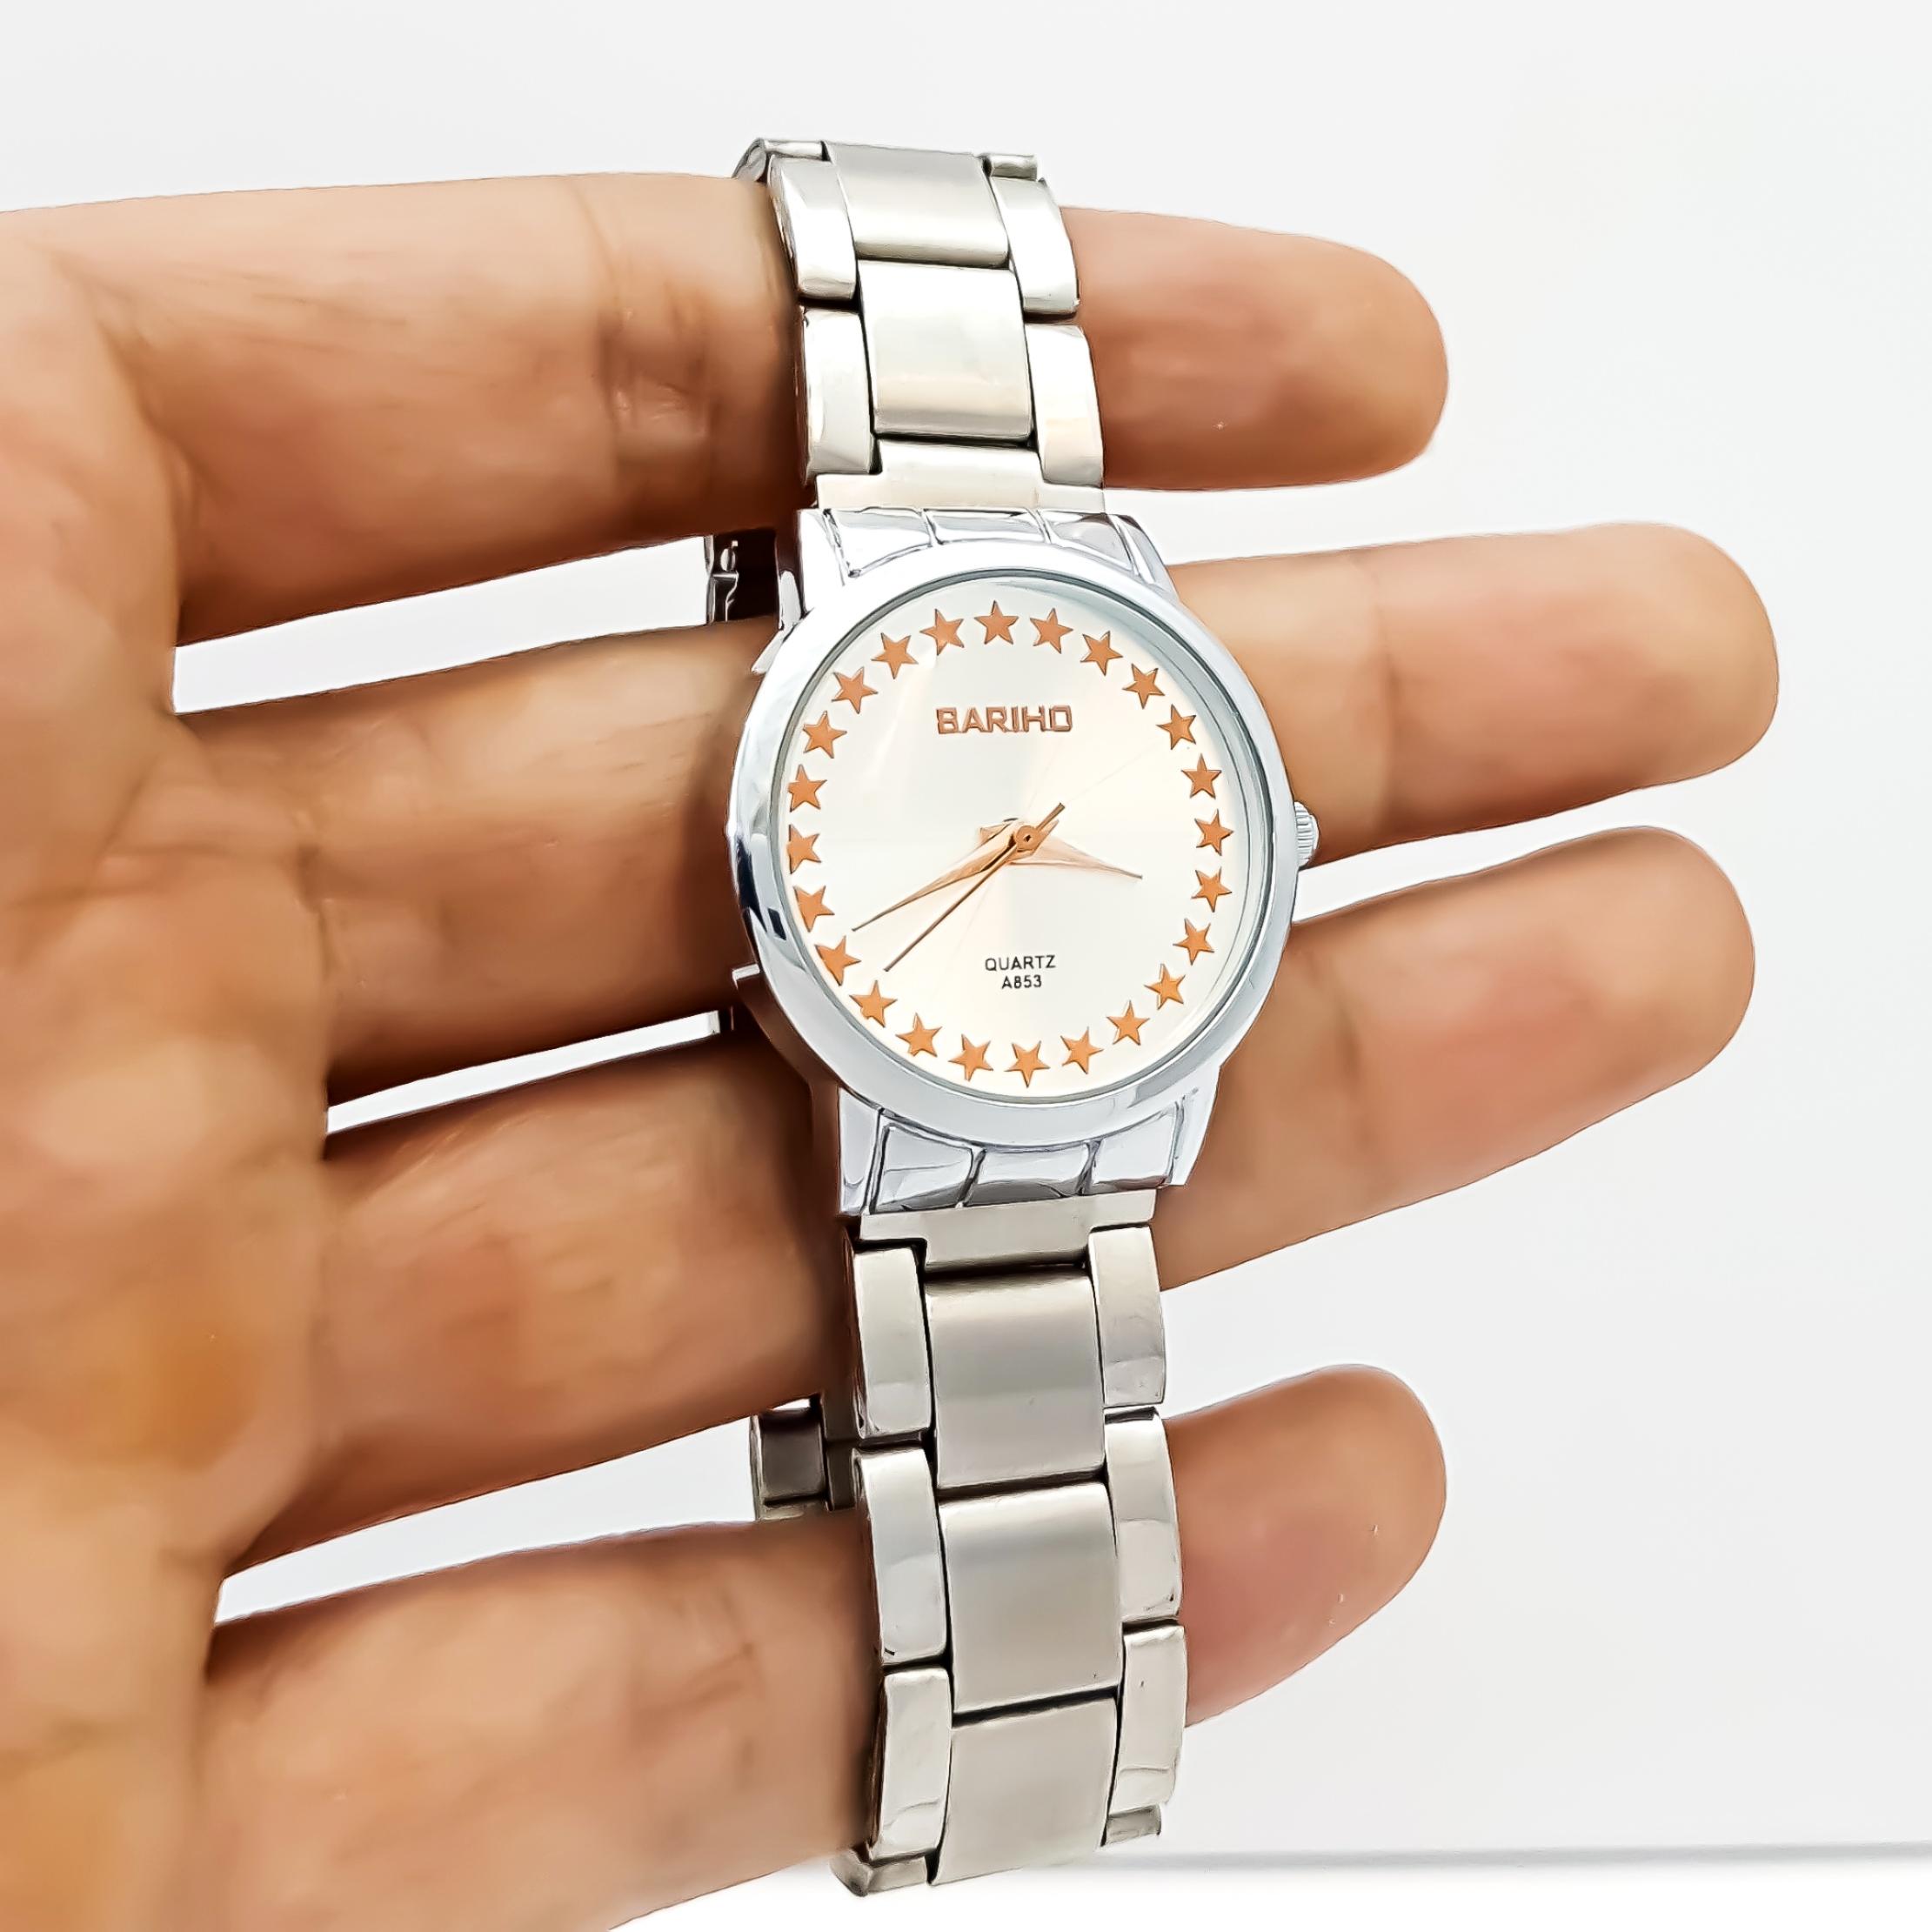 خرید و قیمت                      ساعت مچی  زنانه باریهو مدل VS4367